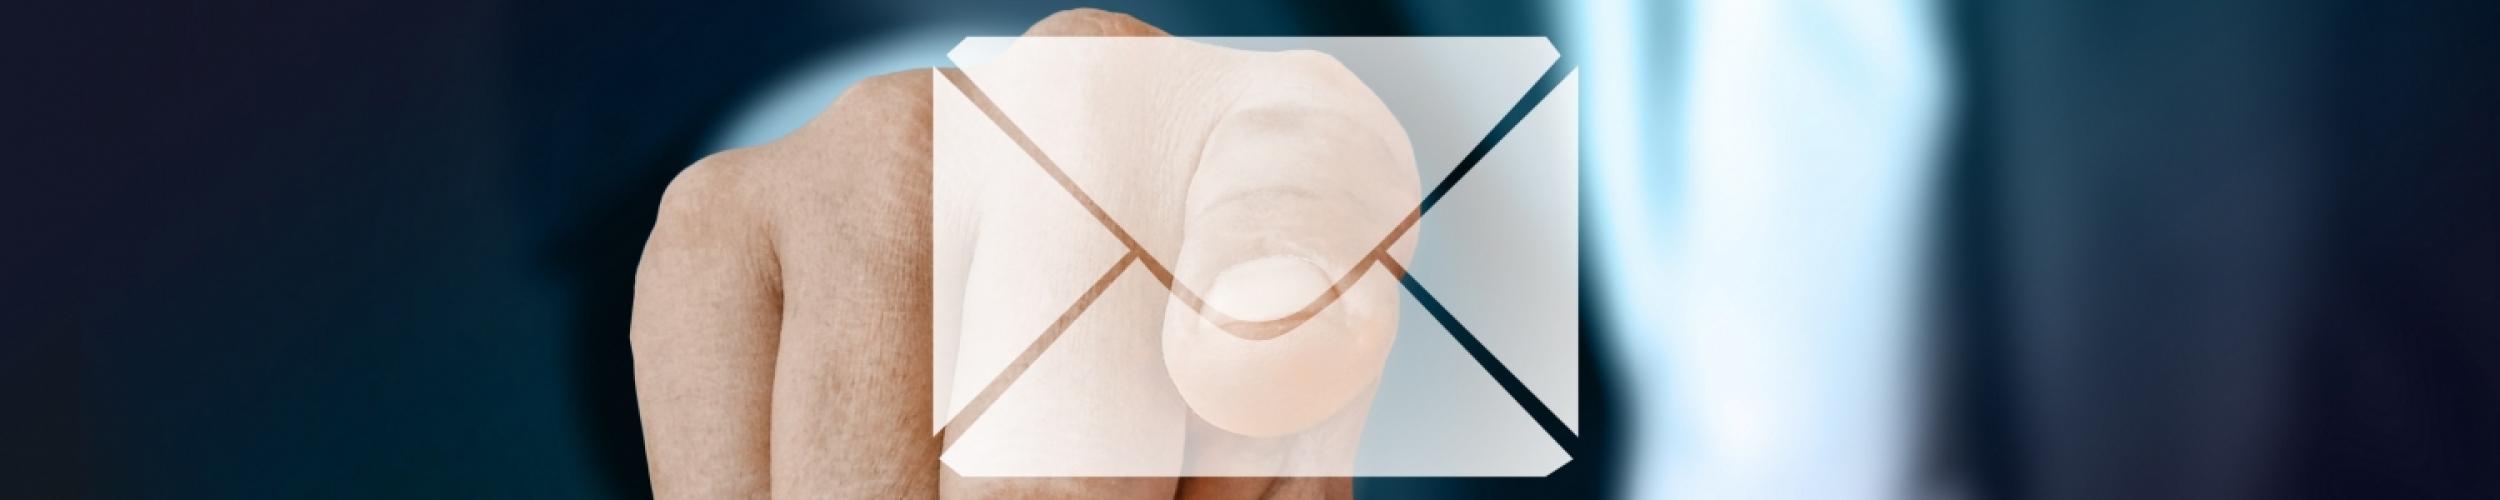 7 tips voor een goede onderwerpregel in e-mails